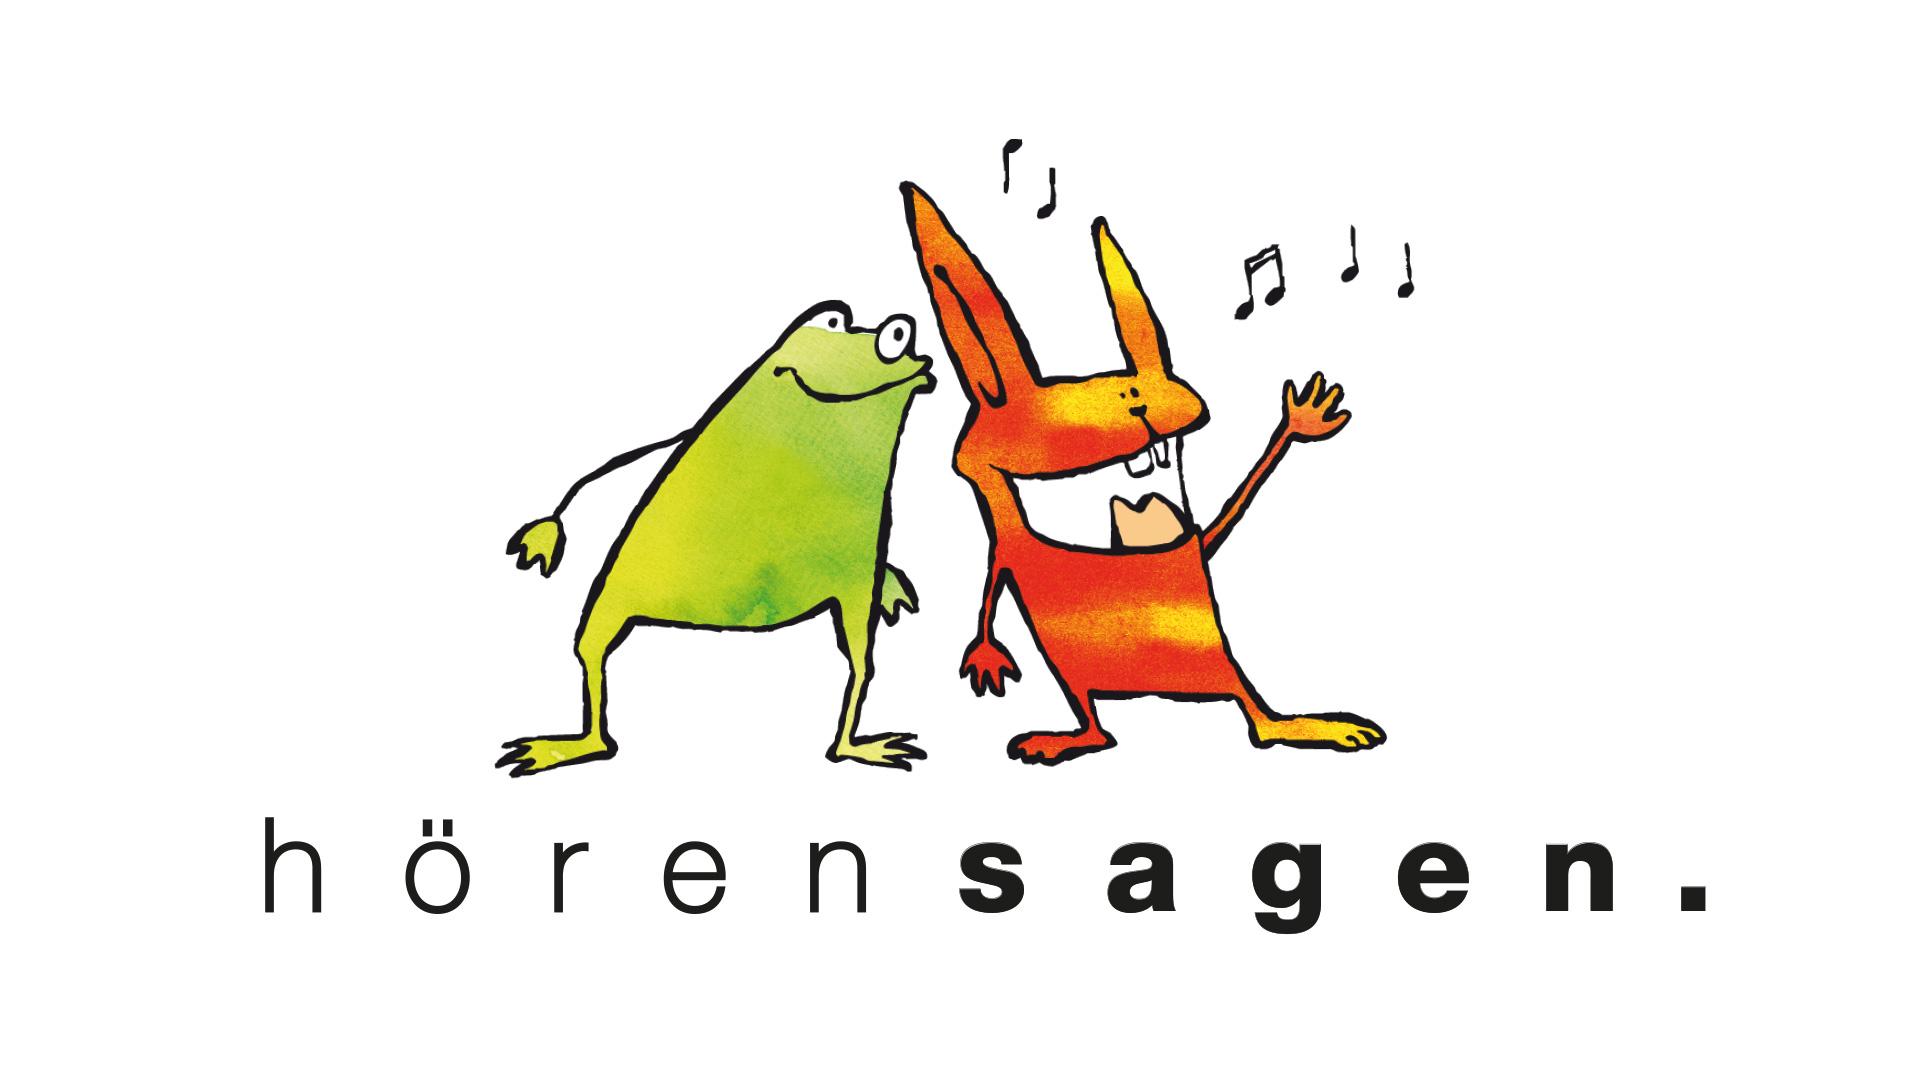 Logo hörensagen - Ein Frosch, der einem Hasen etwas ins Ohr flüstert. Und ein Hase, der das Gehörte lauthals herausplaudert.